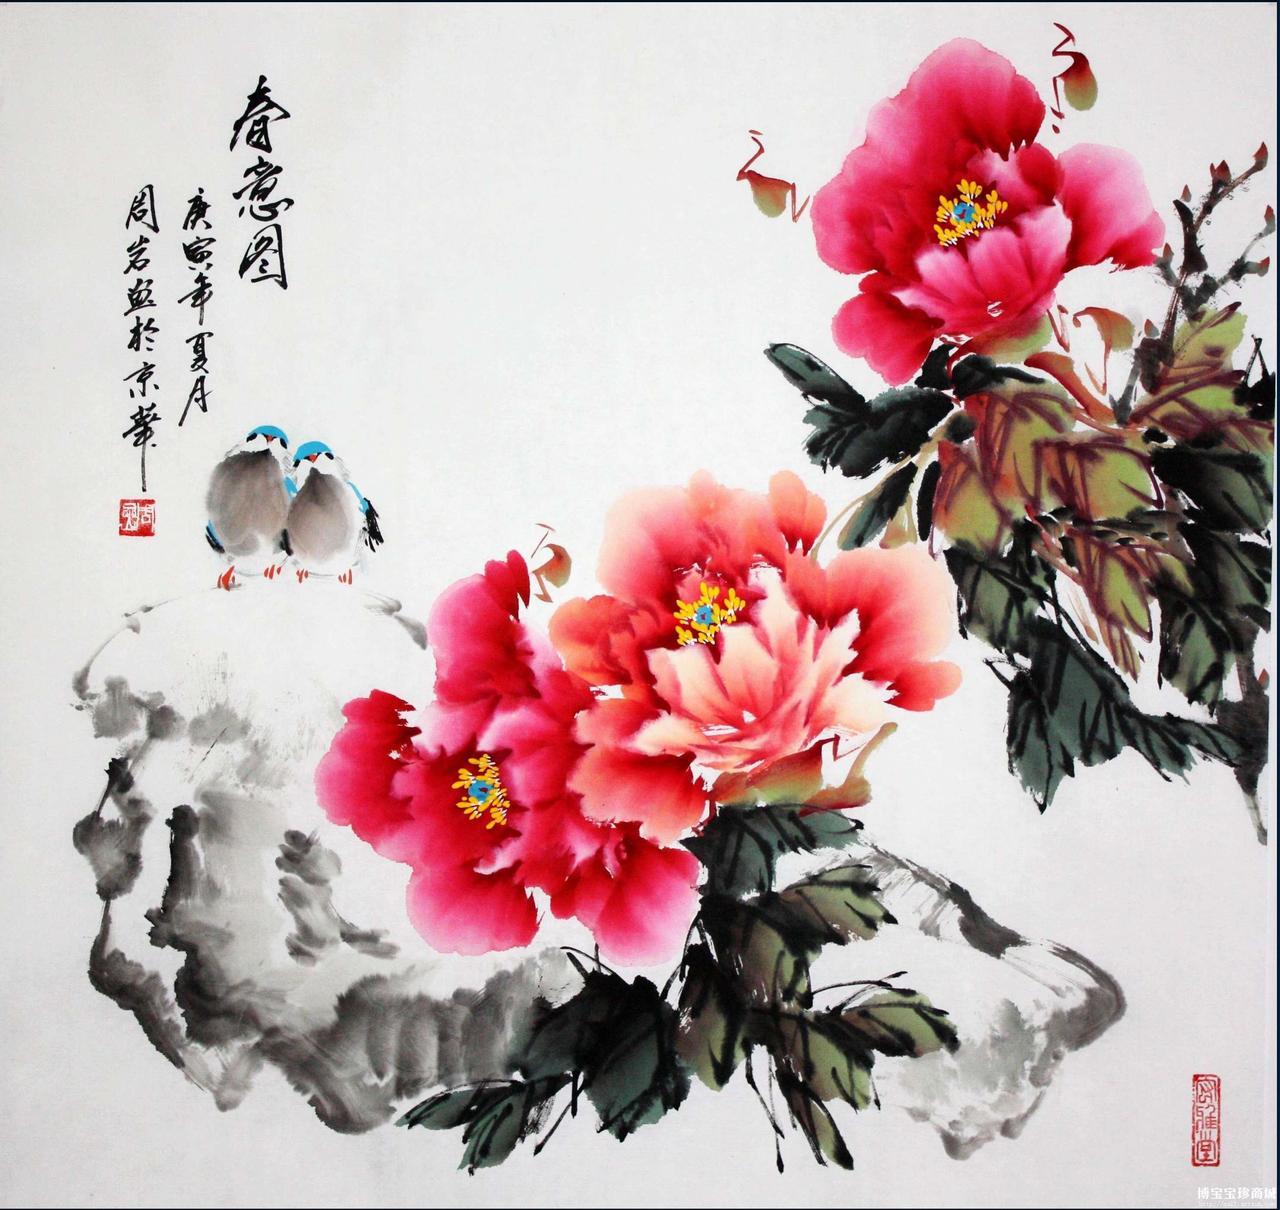 国画牡丹_在博宝宝珍商城有国画牡丹作品么?